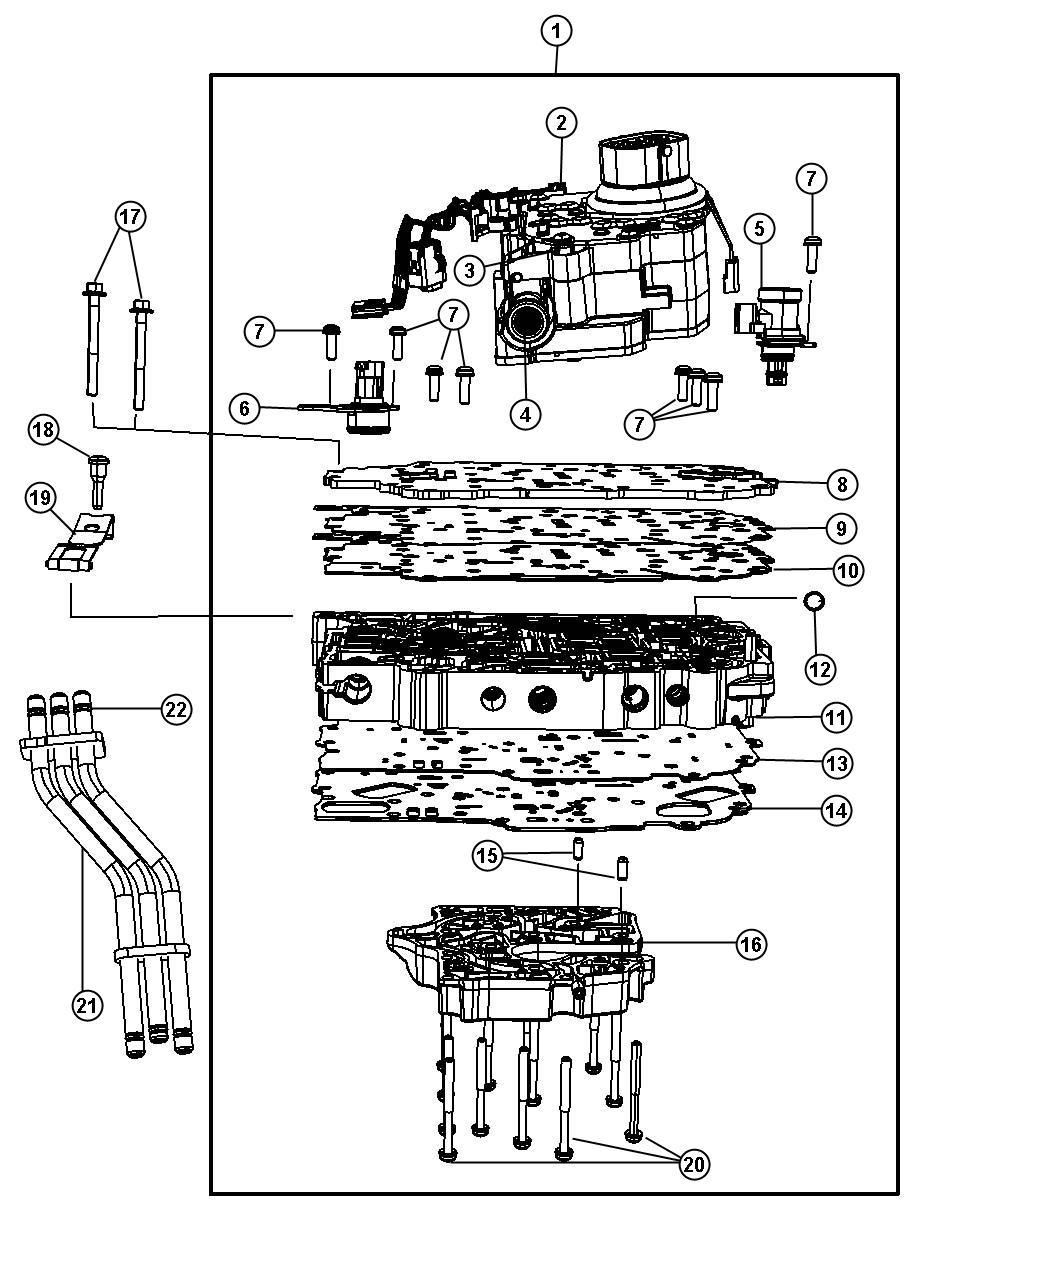 62te transmission sensors